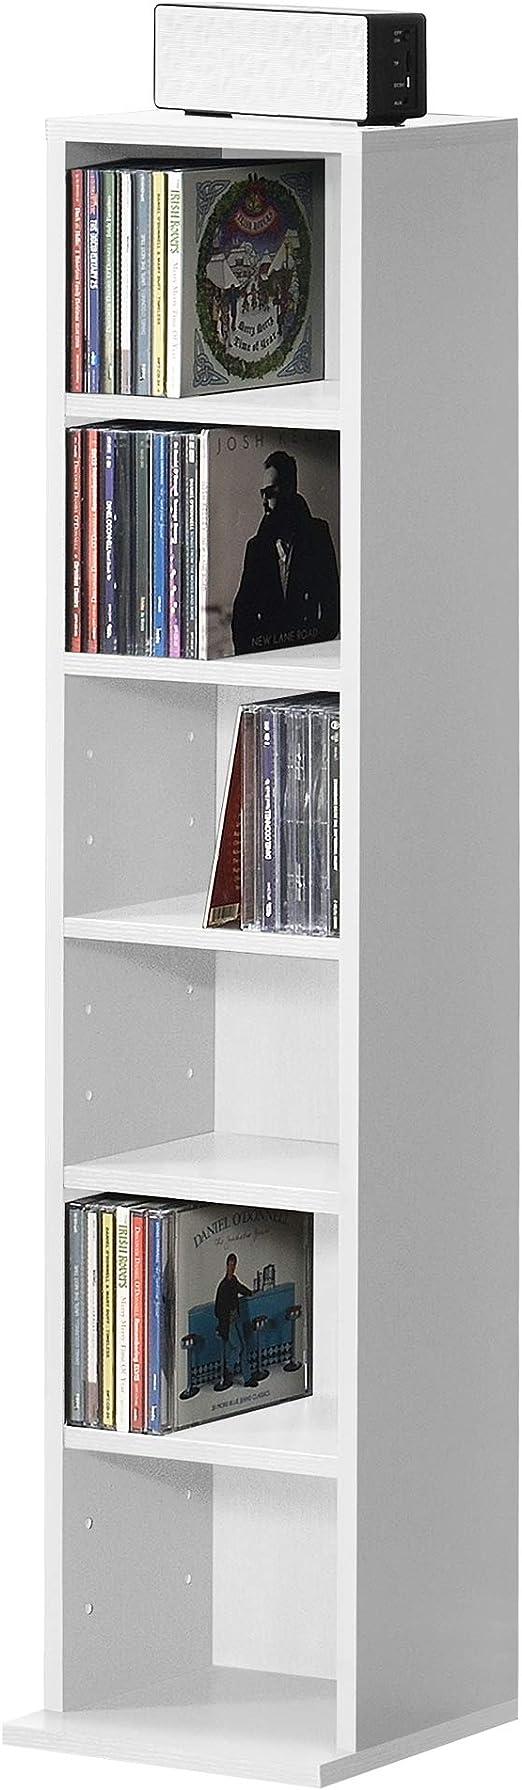 en.casa Bücherregal CD Regal Standregal Regal Aufbewahrung 12 Fächer Dunkelgrau